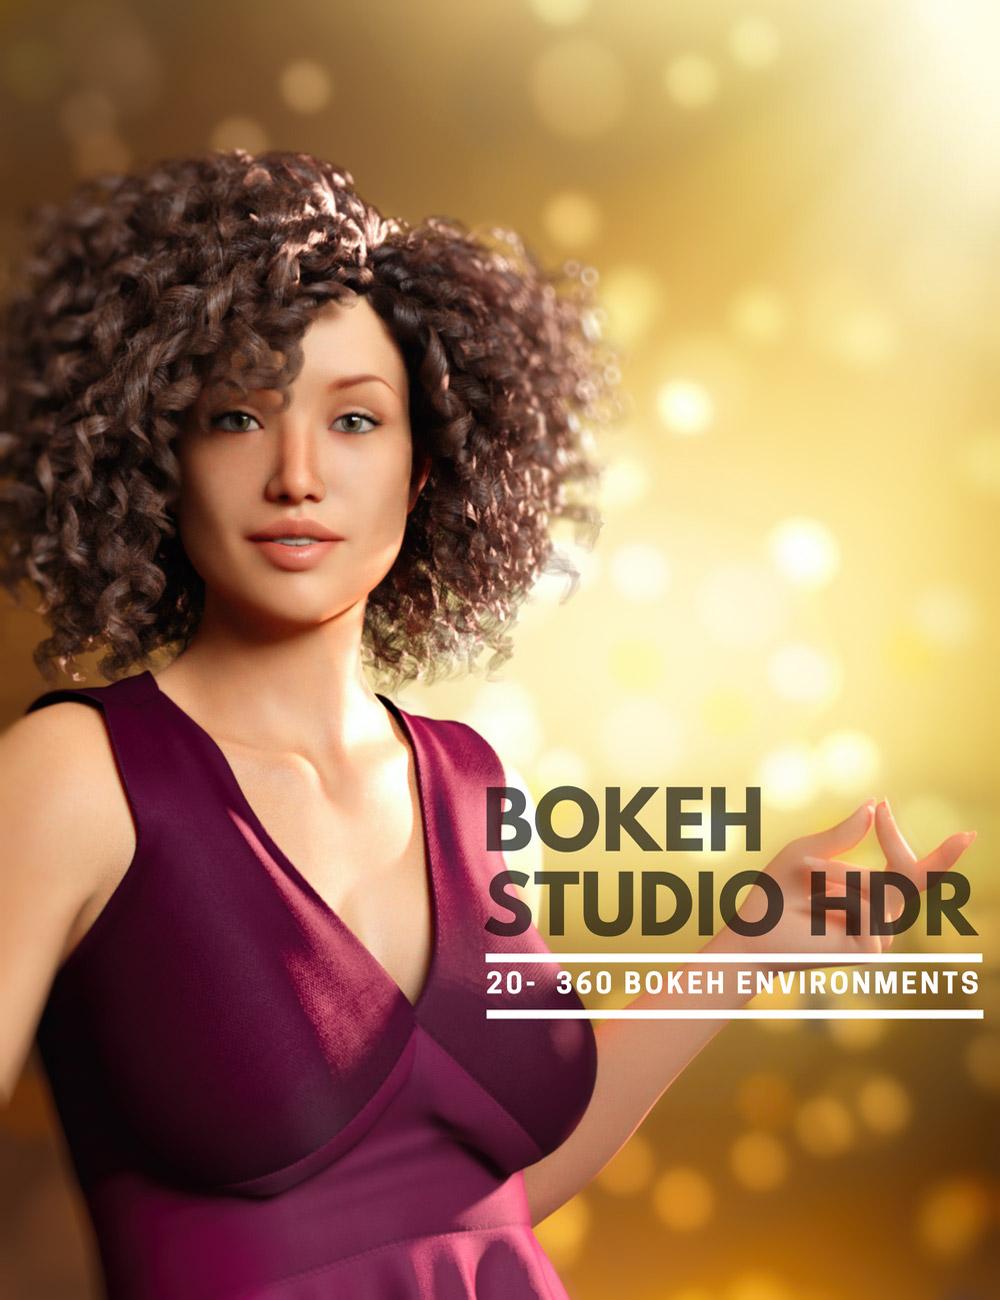 Bokeh Studio HDR by: Colm Jackson, 3D Models by Daz 3D